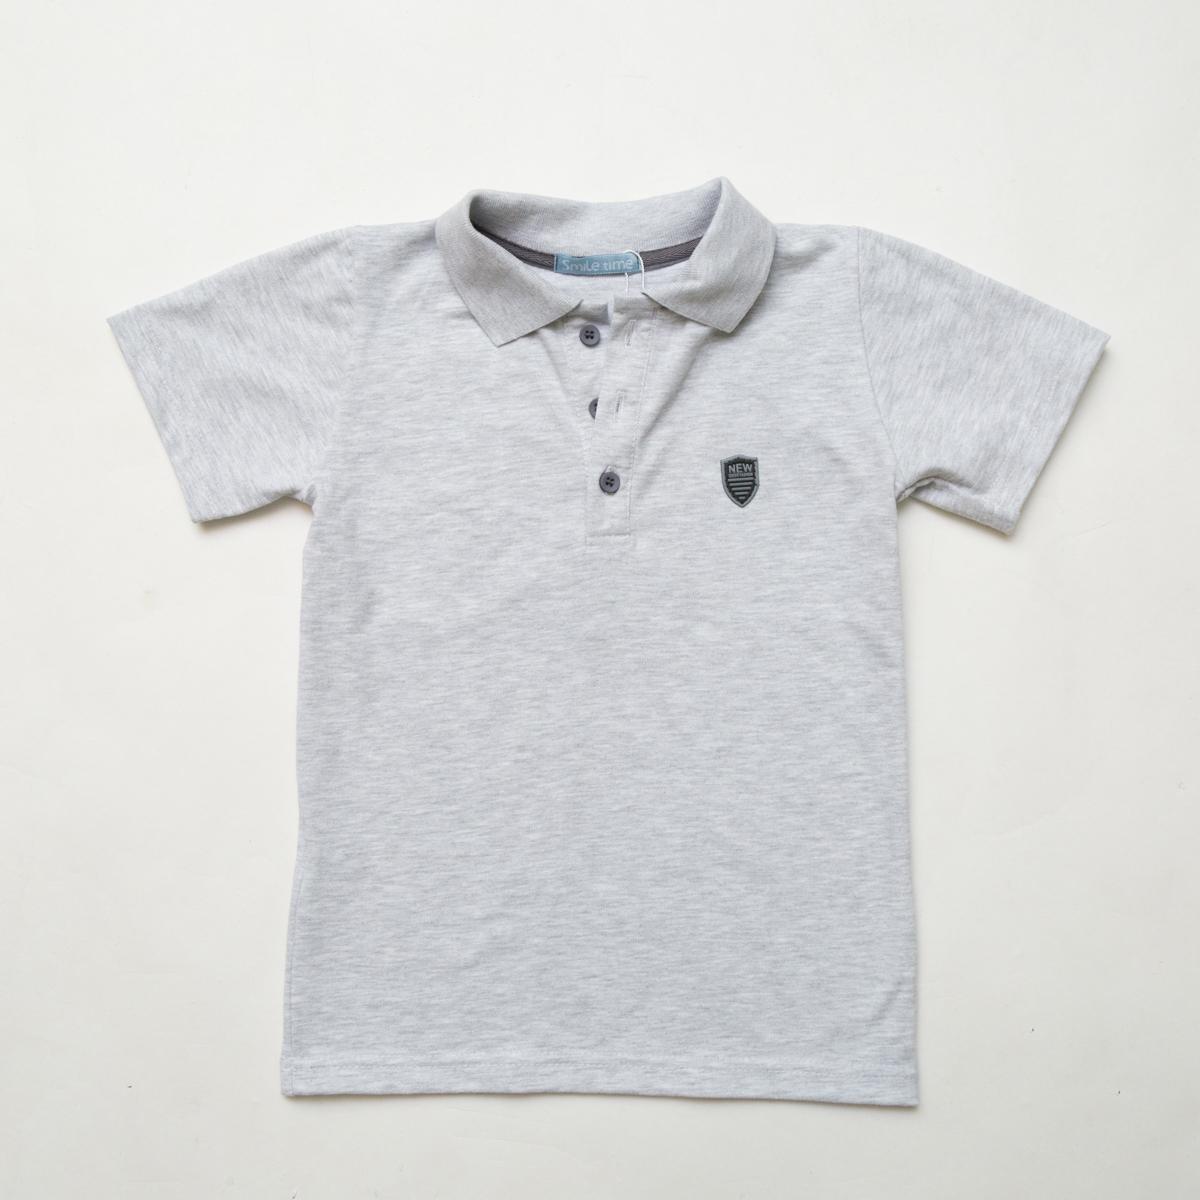 Тенниска SmileTme детская для мальчика Classic, светло-серый